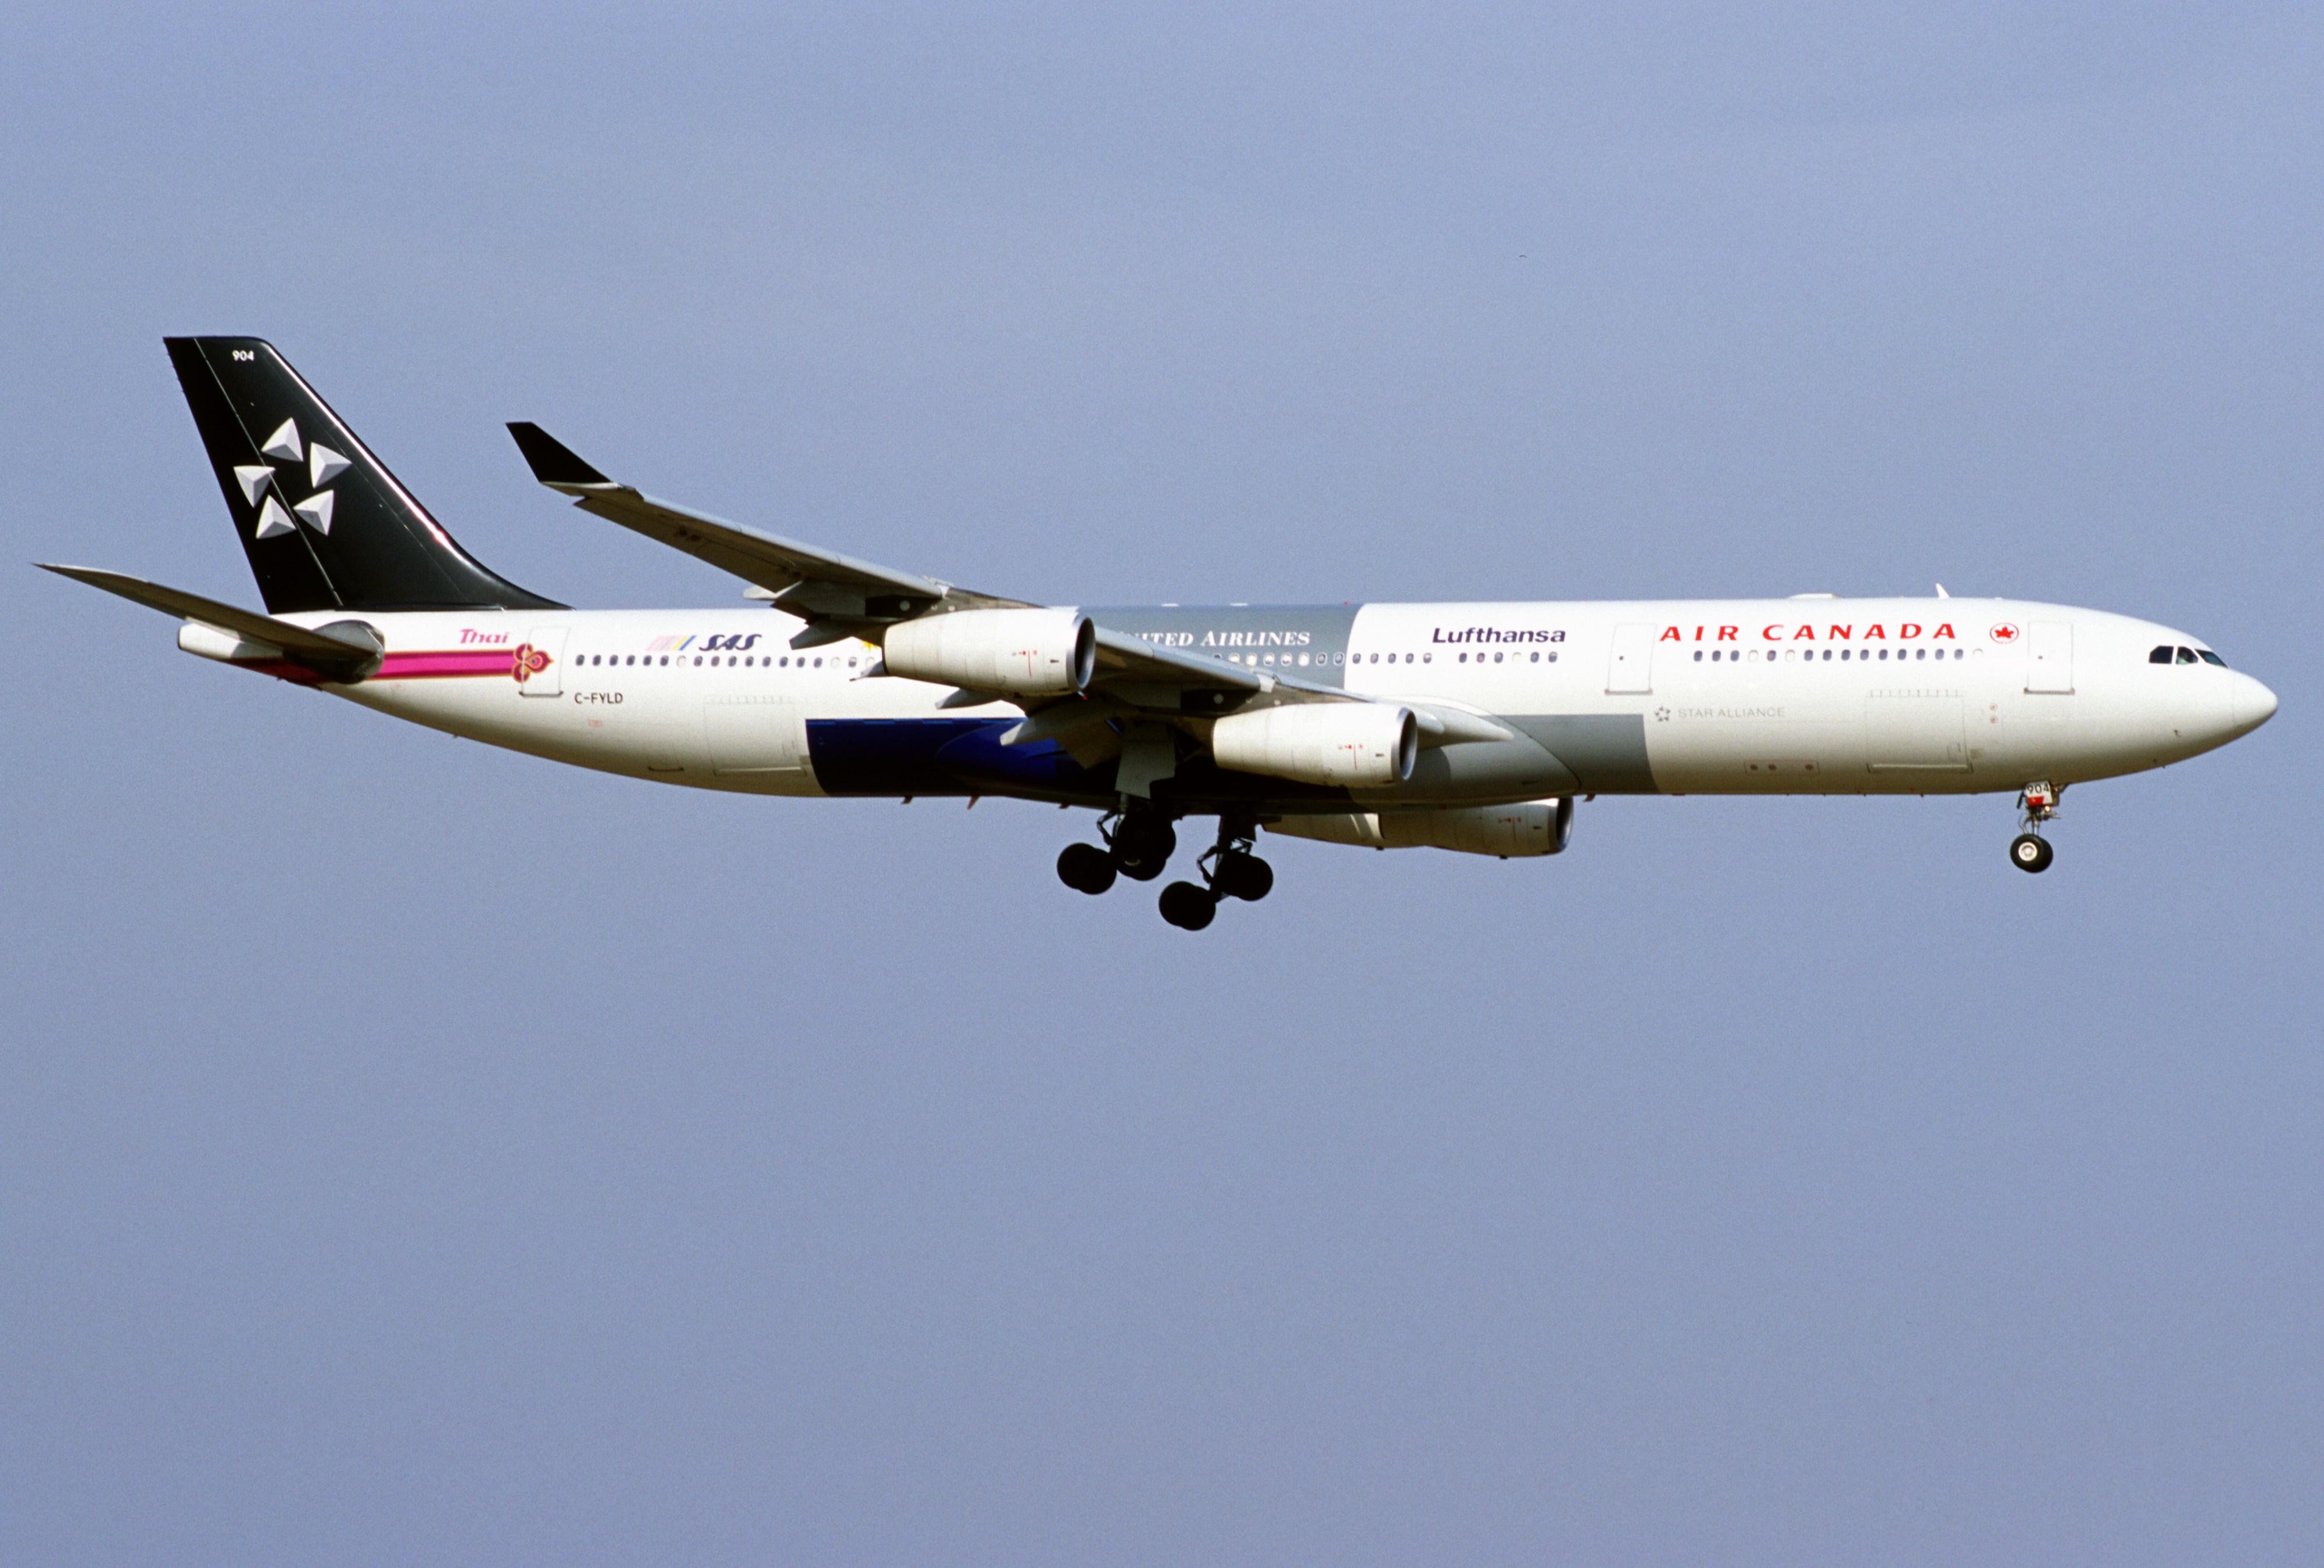 Air Canada Star Alliance 74